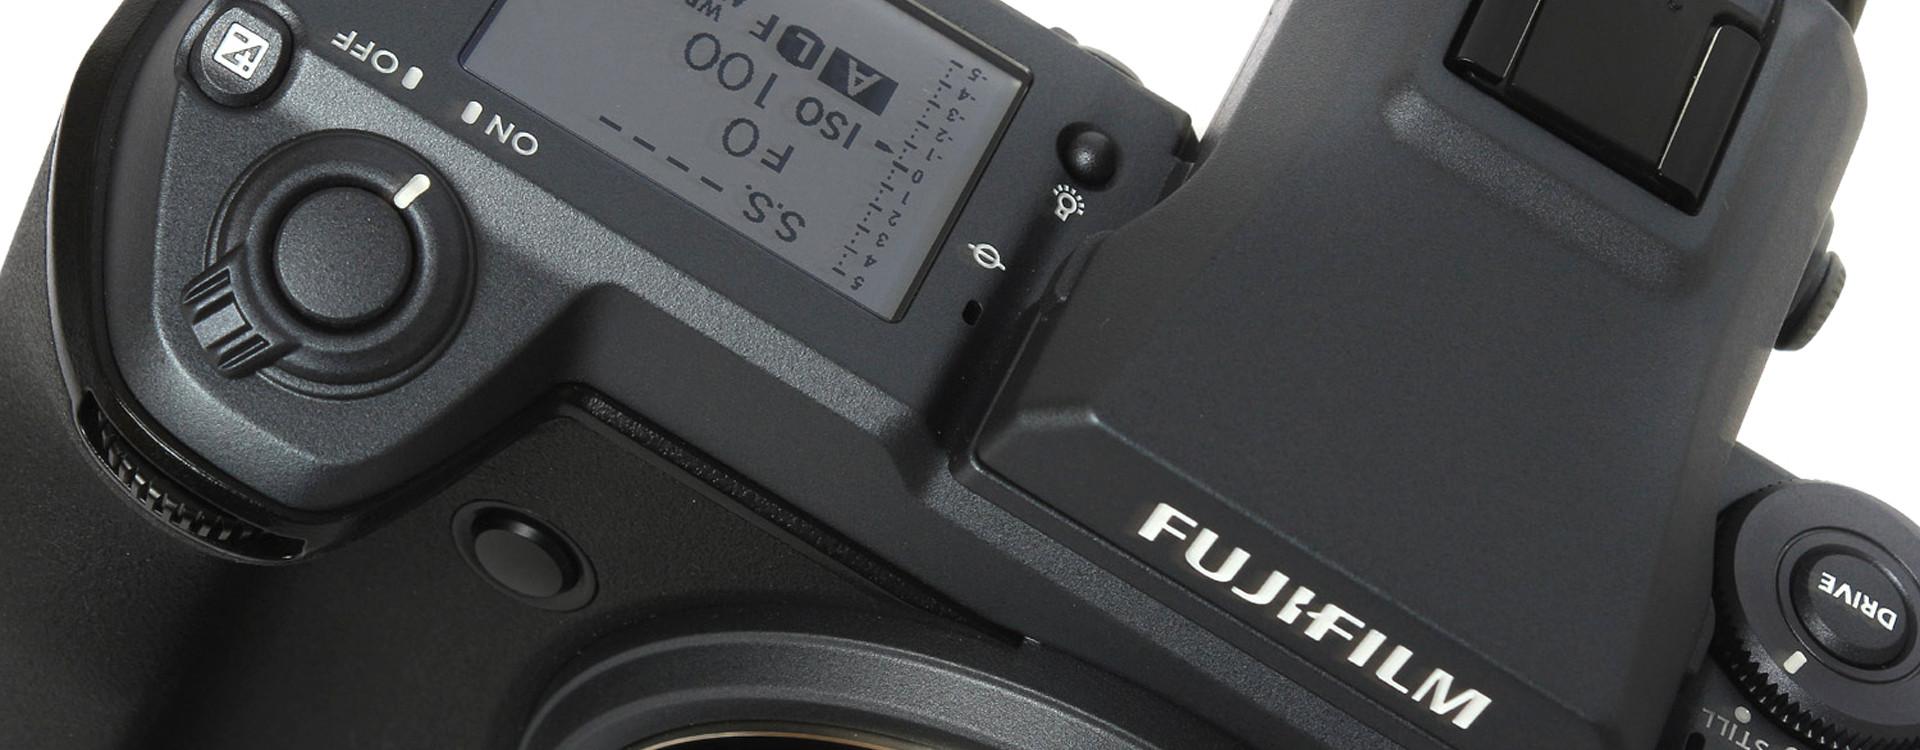 Pierwsze spotkanie z Fujifilm GFX 100. Zdjęcia przykładowe